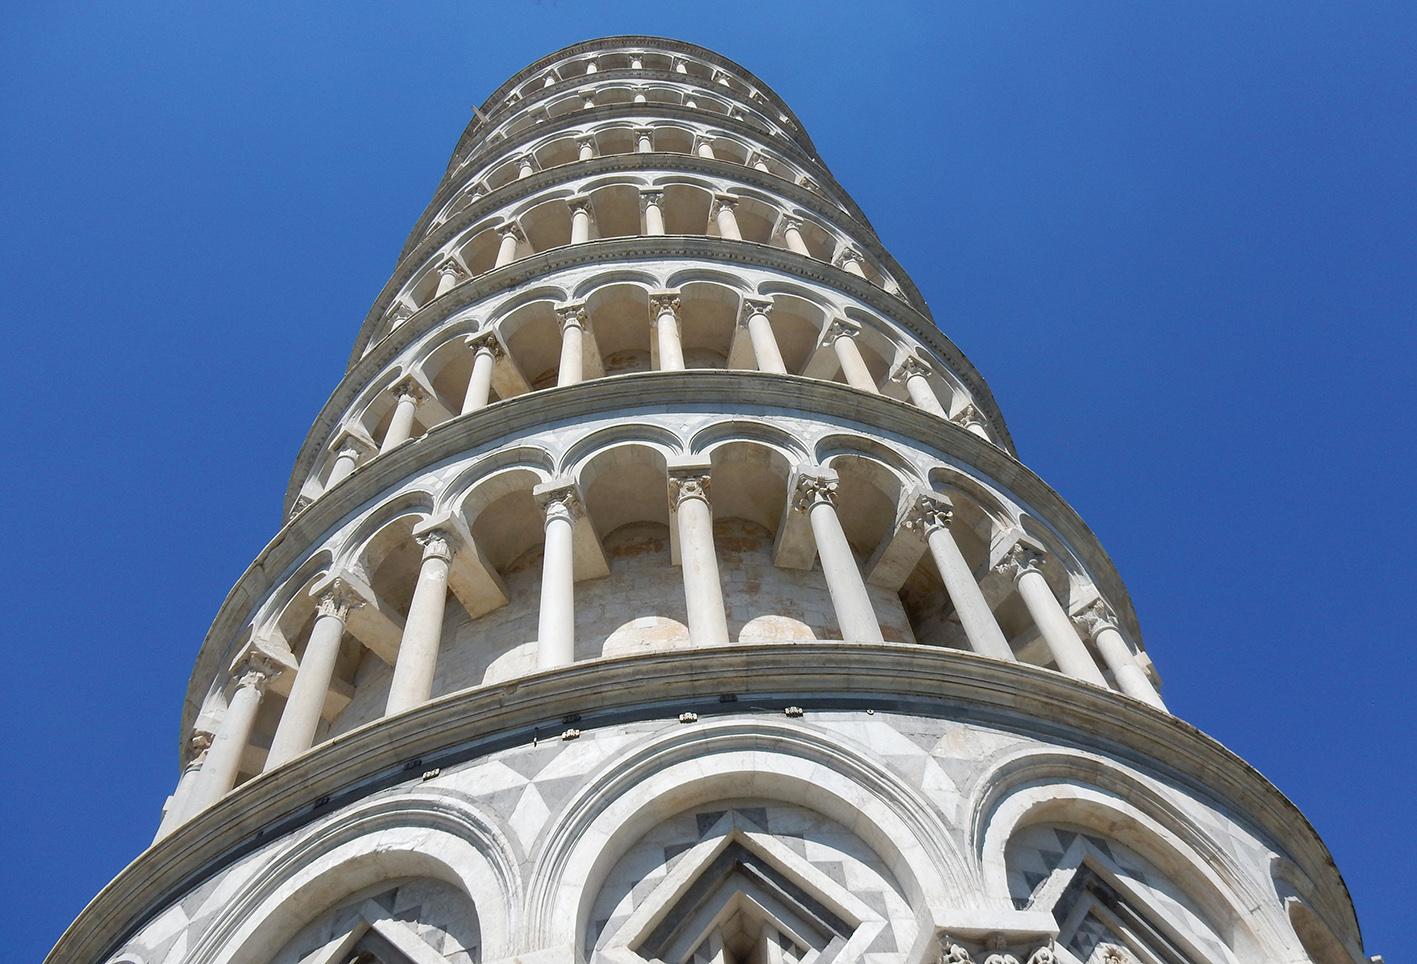 Si sta riducendo la pendenza della Torre di Pisa. Lo ha constatato un team di esperti dopo anni di analisi